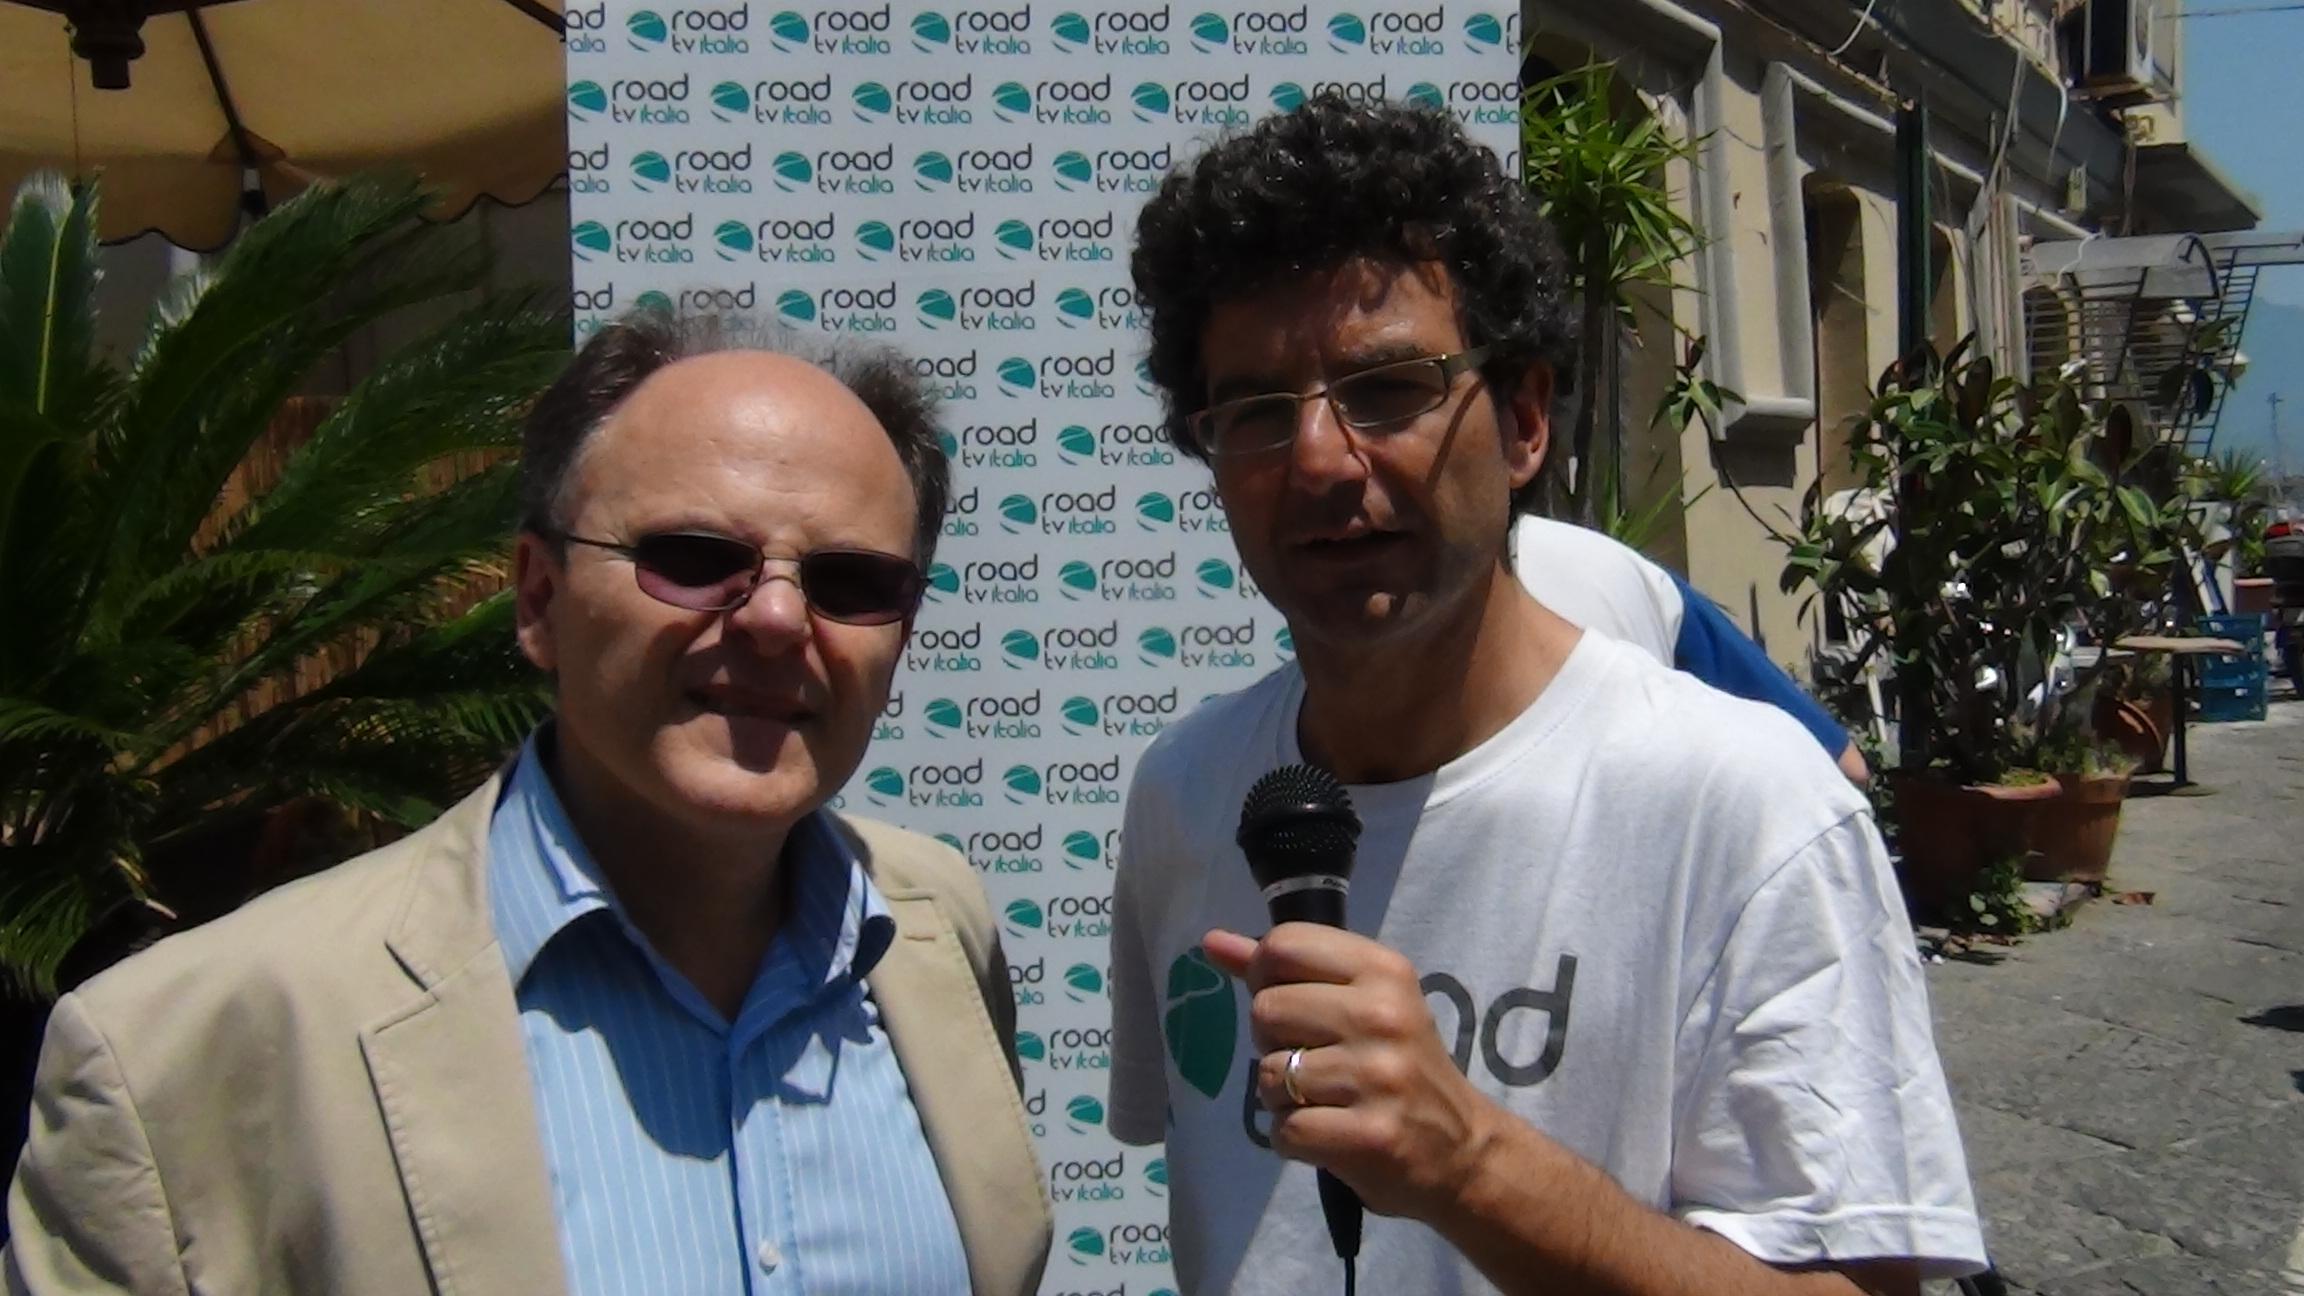 Lungomare liberato: Assessore Tuccillo e l'On. Siniscalchi ai microfoni di Road Tv Italia